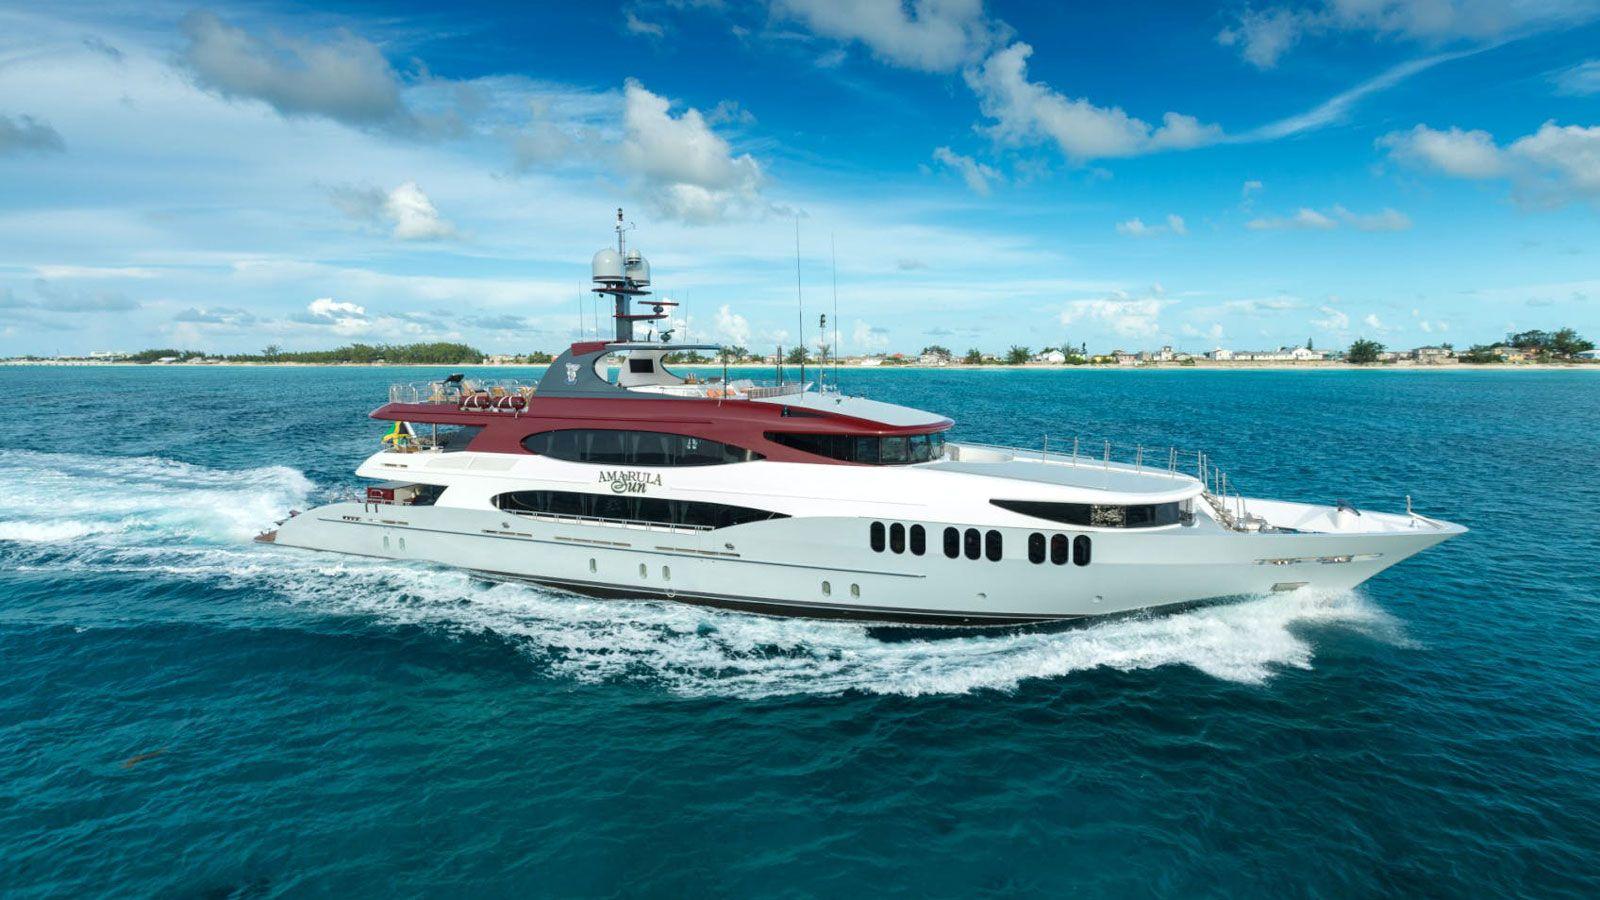 Trinity Motor Yacht Amarula Sun For Sale photo